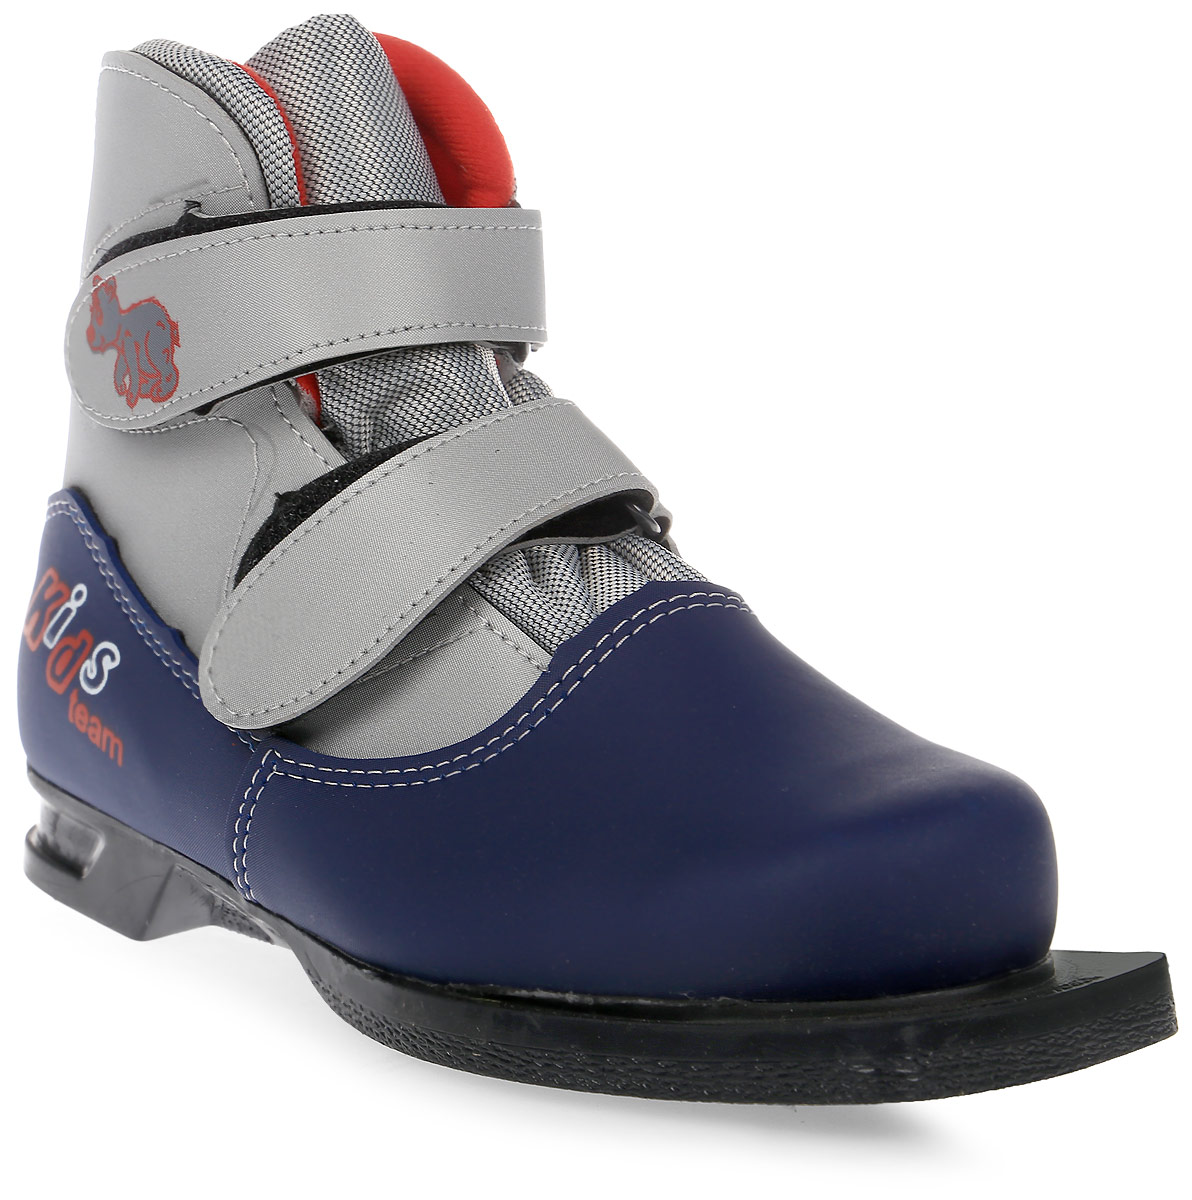 Ботинки лыжные детские Marax, цвет: синий, серый. NN75. Размер 34